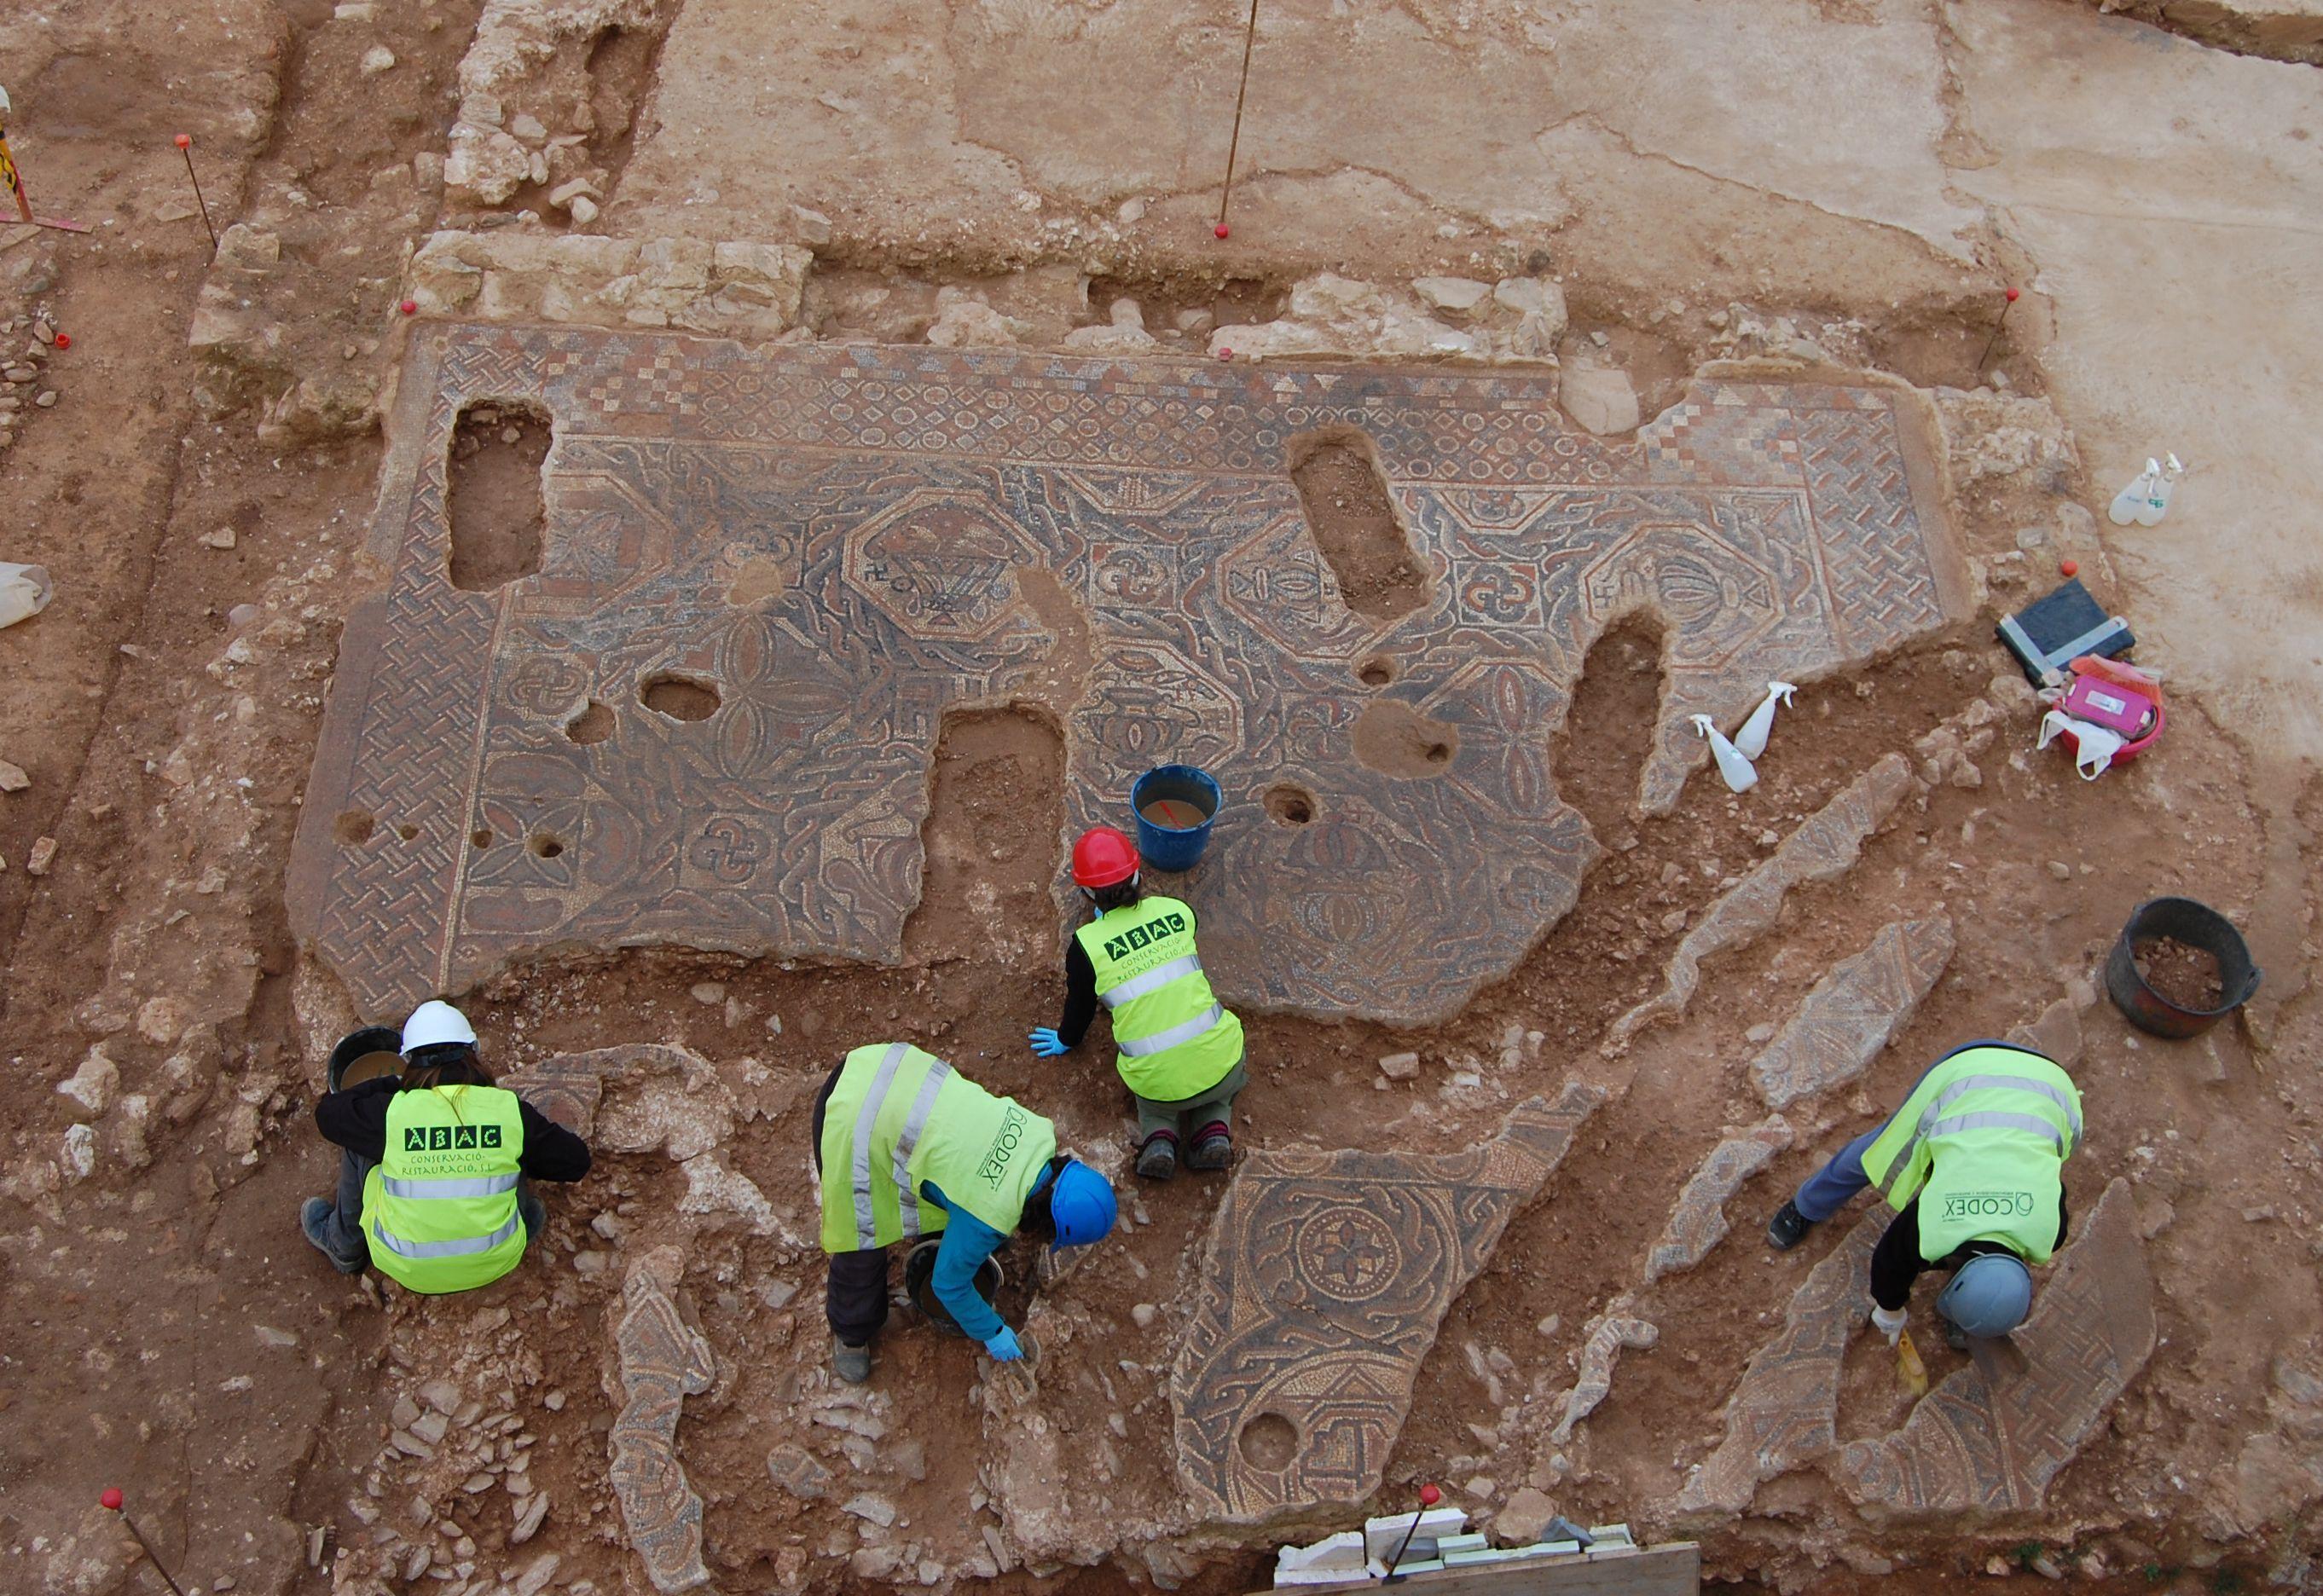 Procés de conservació del mosaic romà de la vil•la romana del Pont del Treball Digne, barri de la Sagrera. Foto: Àbac Conservació-Restauració